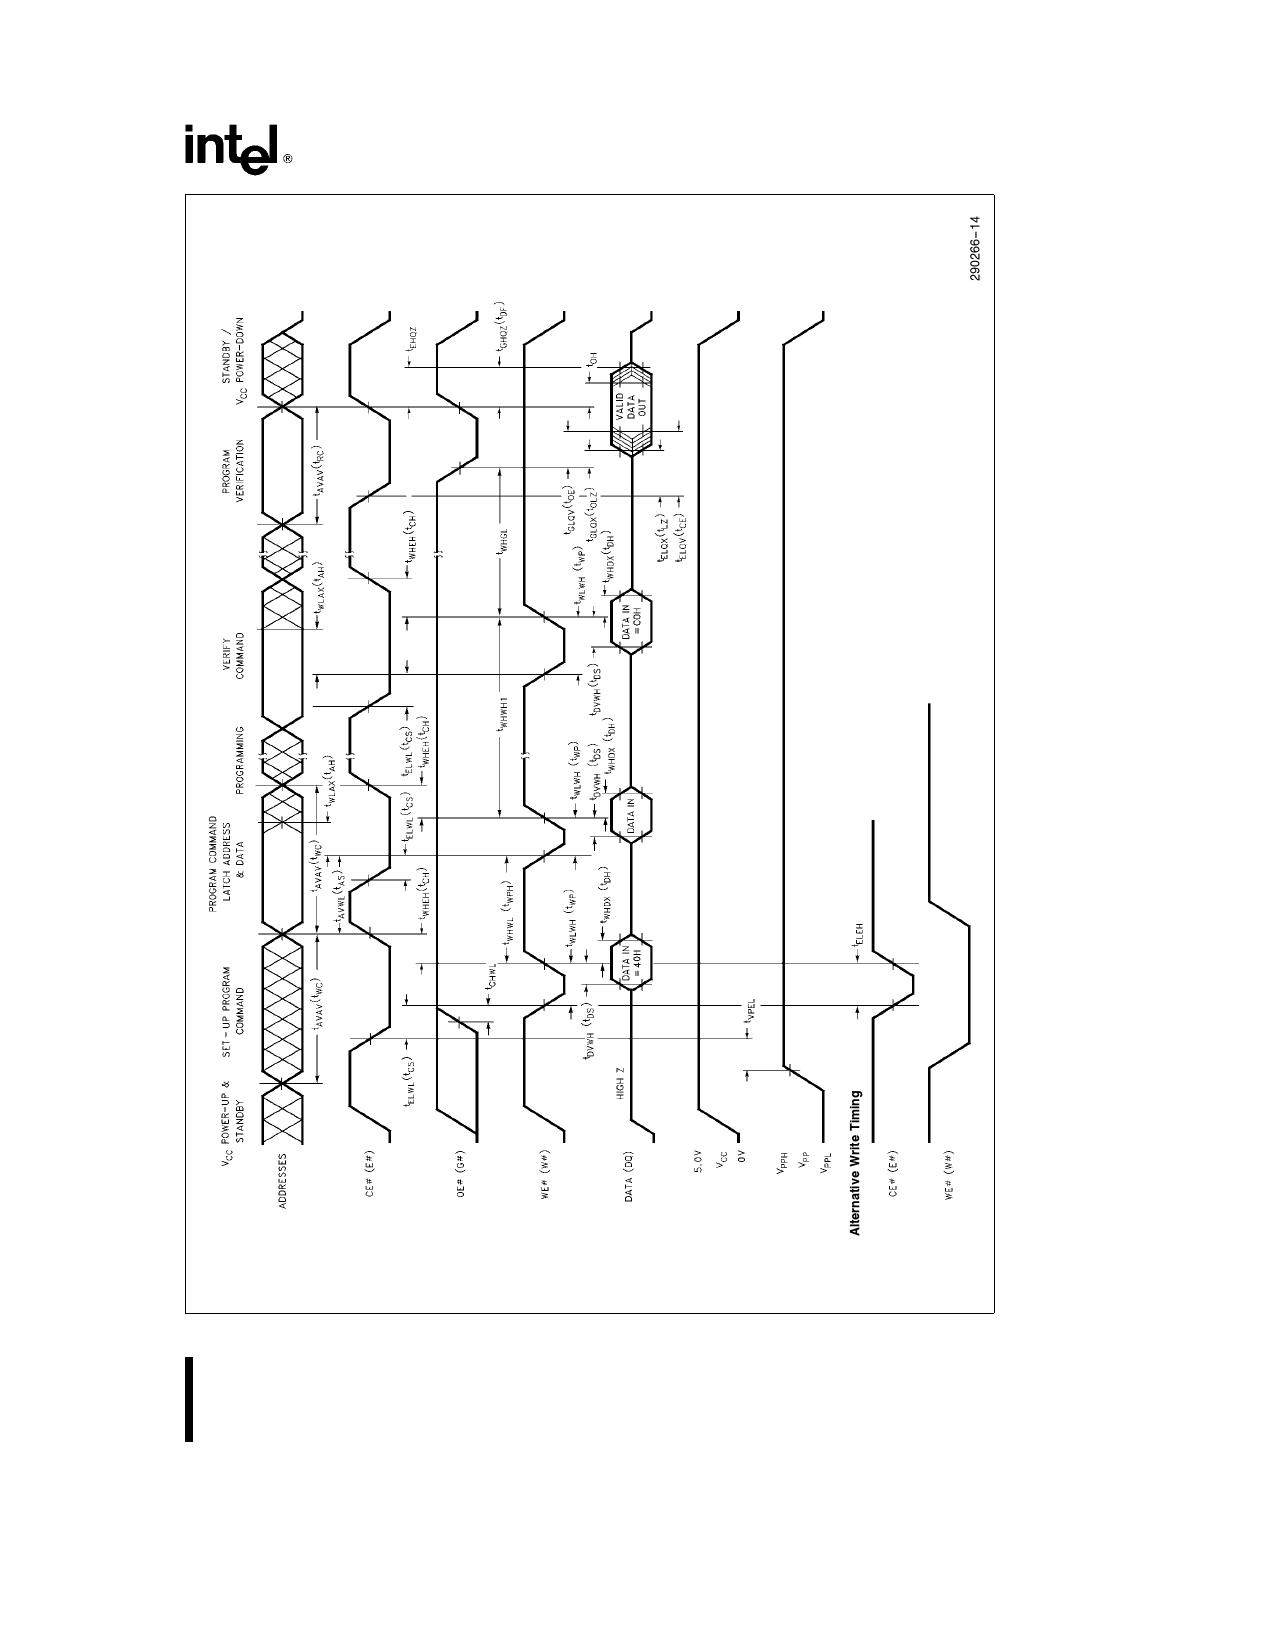 A28F010 transistor, igbt